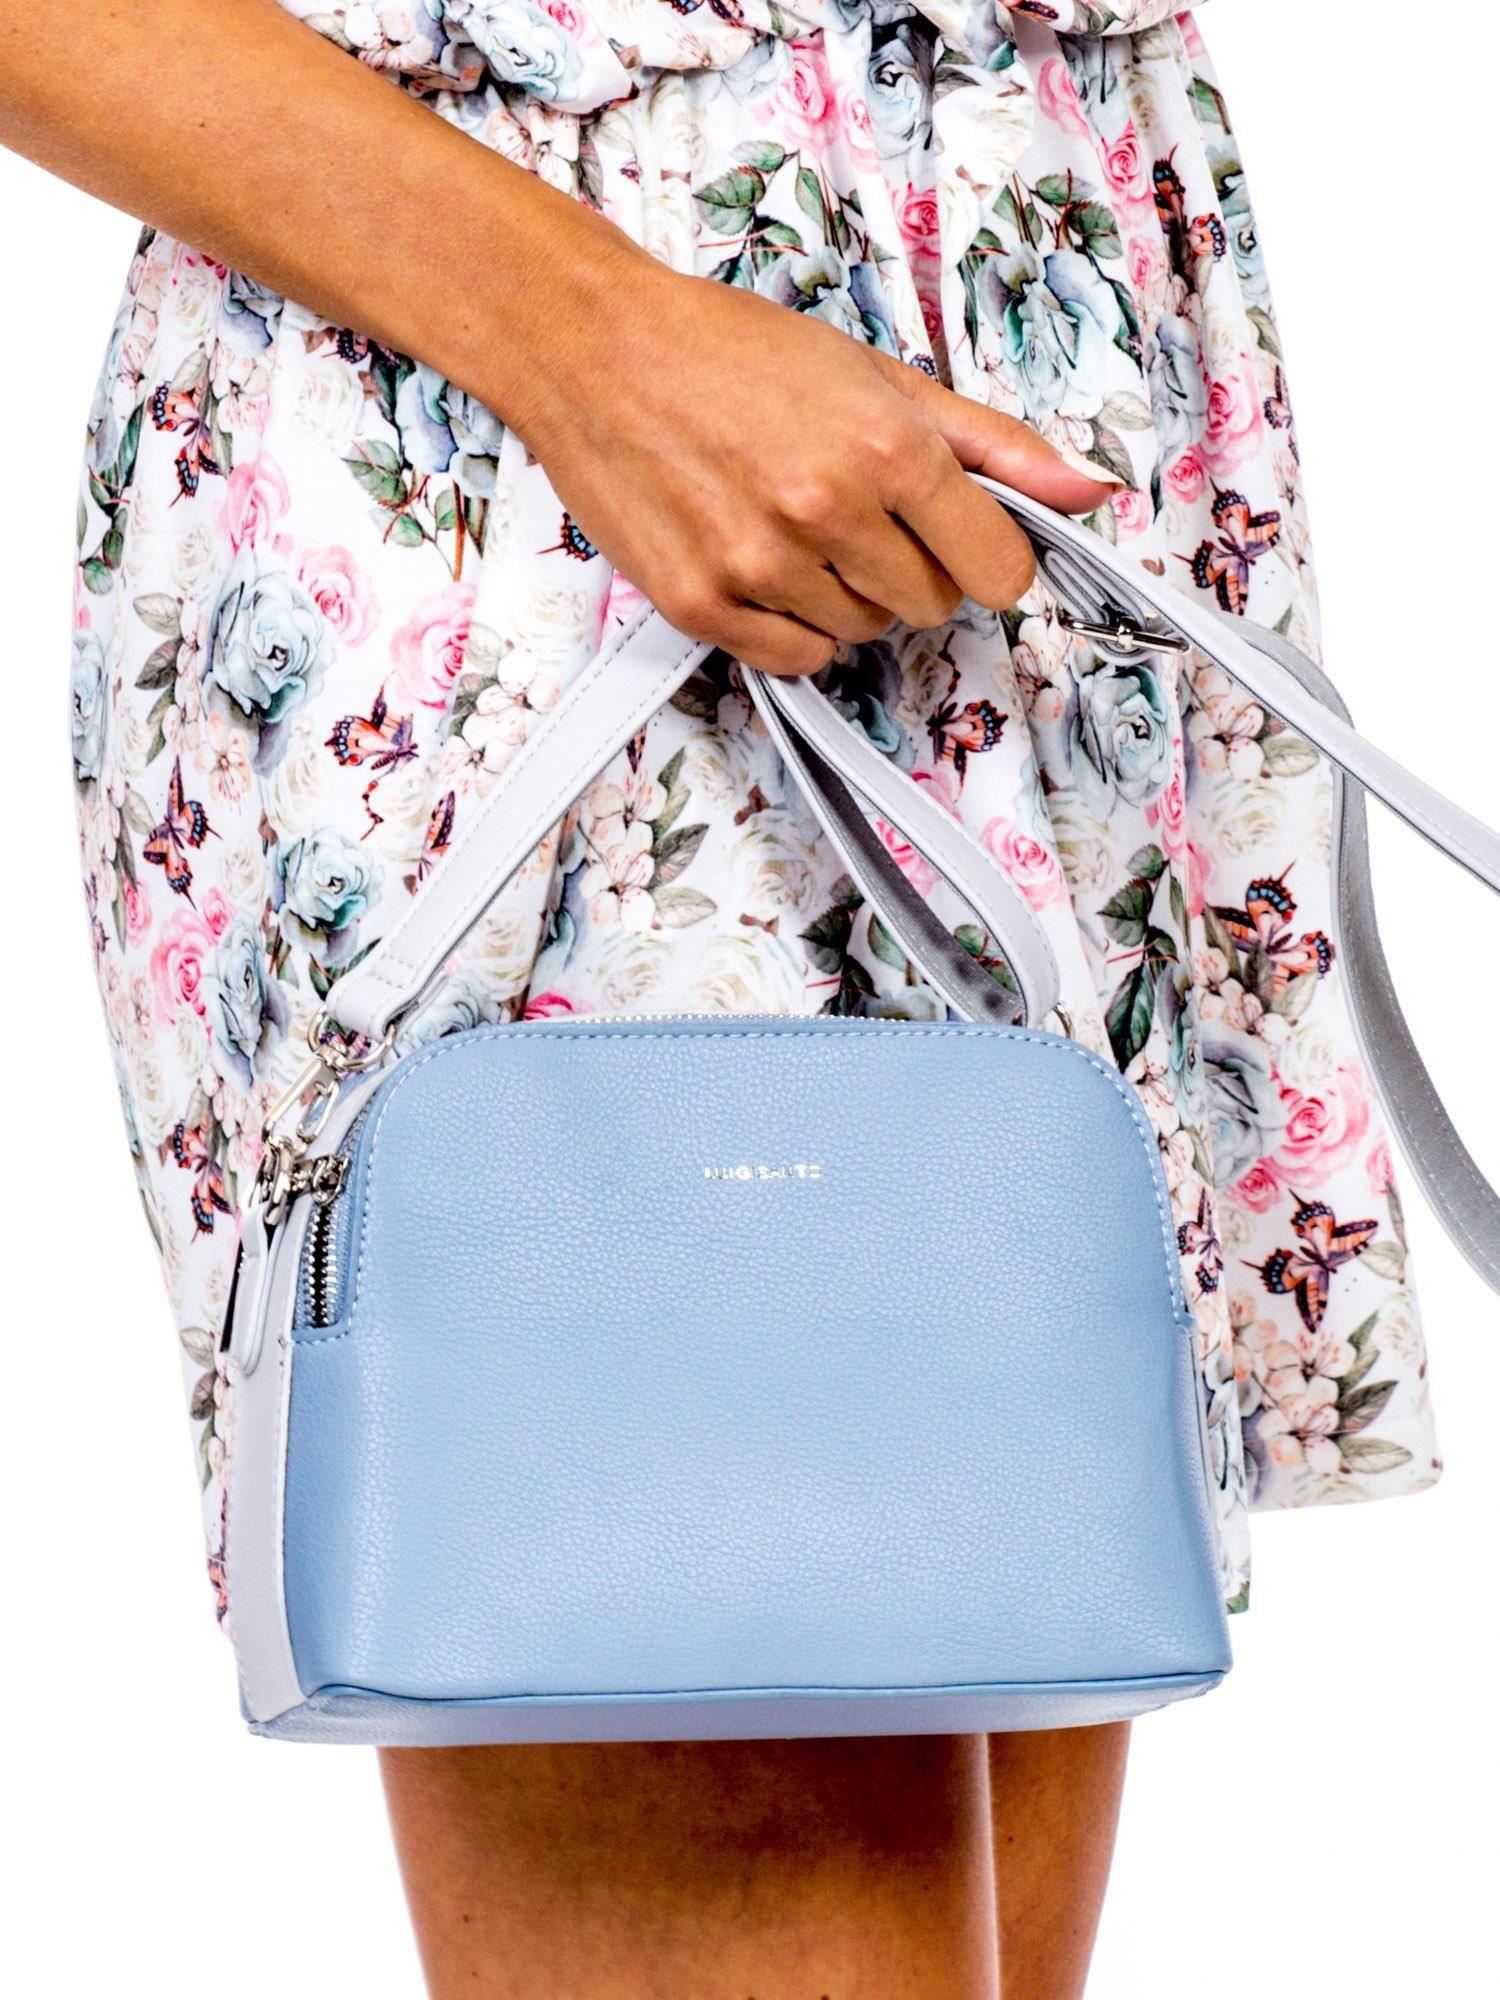 67aff38a80544 Niebiesko-jasnoszara torebka z szerokim paskiem - Akcesoria torba ...